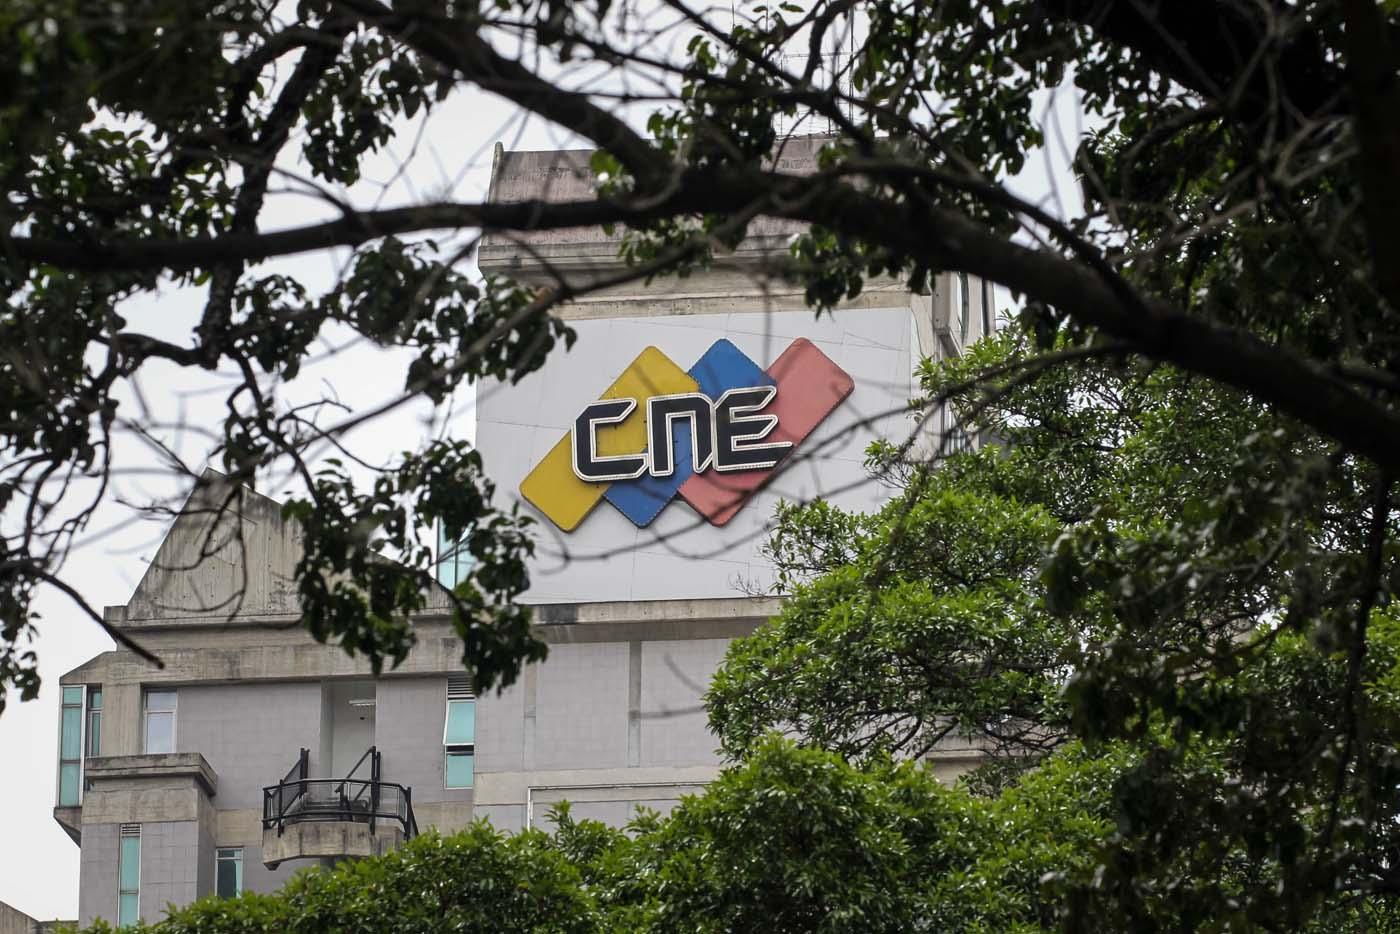 """VNZ06. CARACAS (VENEZUELA), 02/08/2017.- Vista externa de la sede del Consejo Nacional Electoral (CNE) hoy, miércoles 2 de agosto de 2017, en Caracas (Venezuela). Luis Emilio Rondón, el único de las cinco autoridades del Poder Electoral venezolano que es crítico con el Gobierno, aseguró hoy que el organismo """"está obligado"""" a aclarar el reporte hecho por Smartmatic, la empresa encargada del recuento de votos en el país, sobre """"manipulación"""" en la votación del domingo. EFE/Miguel Gutiérrez"""